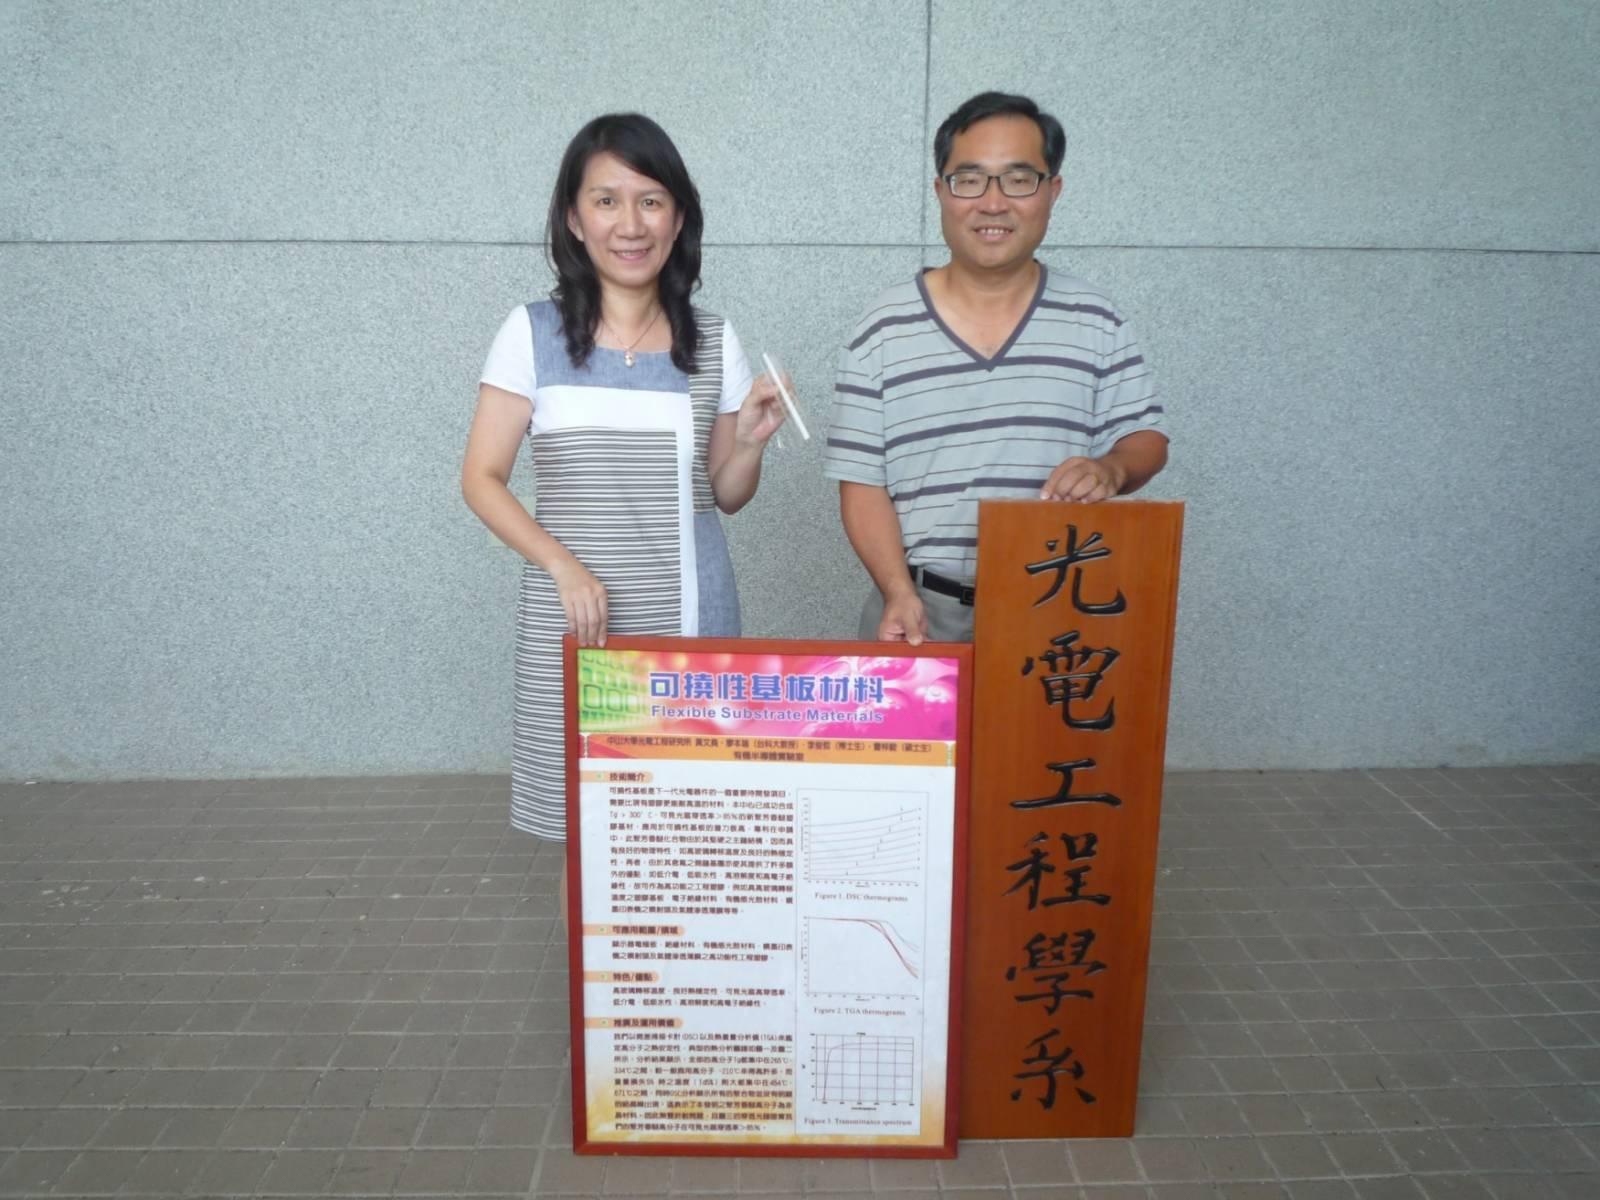 中山大學研發可撓式OLED  手機電腦捲進口袋